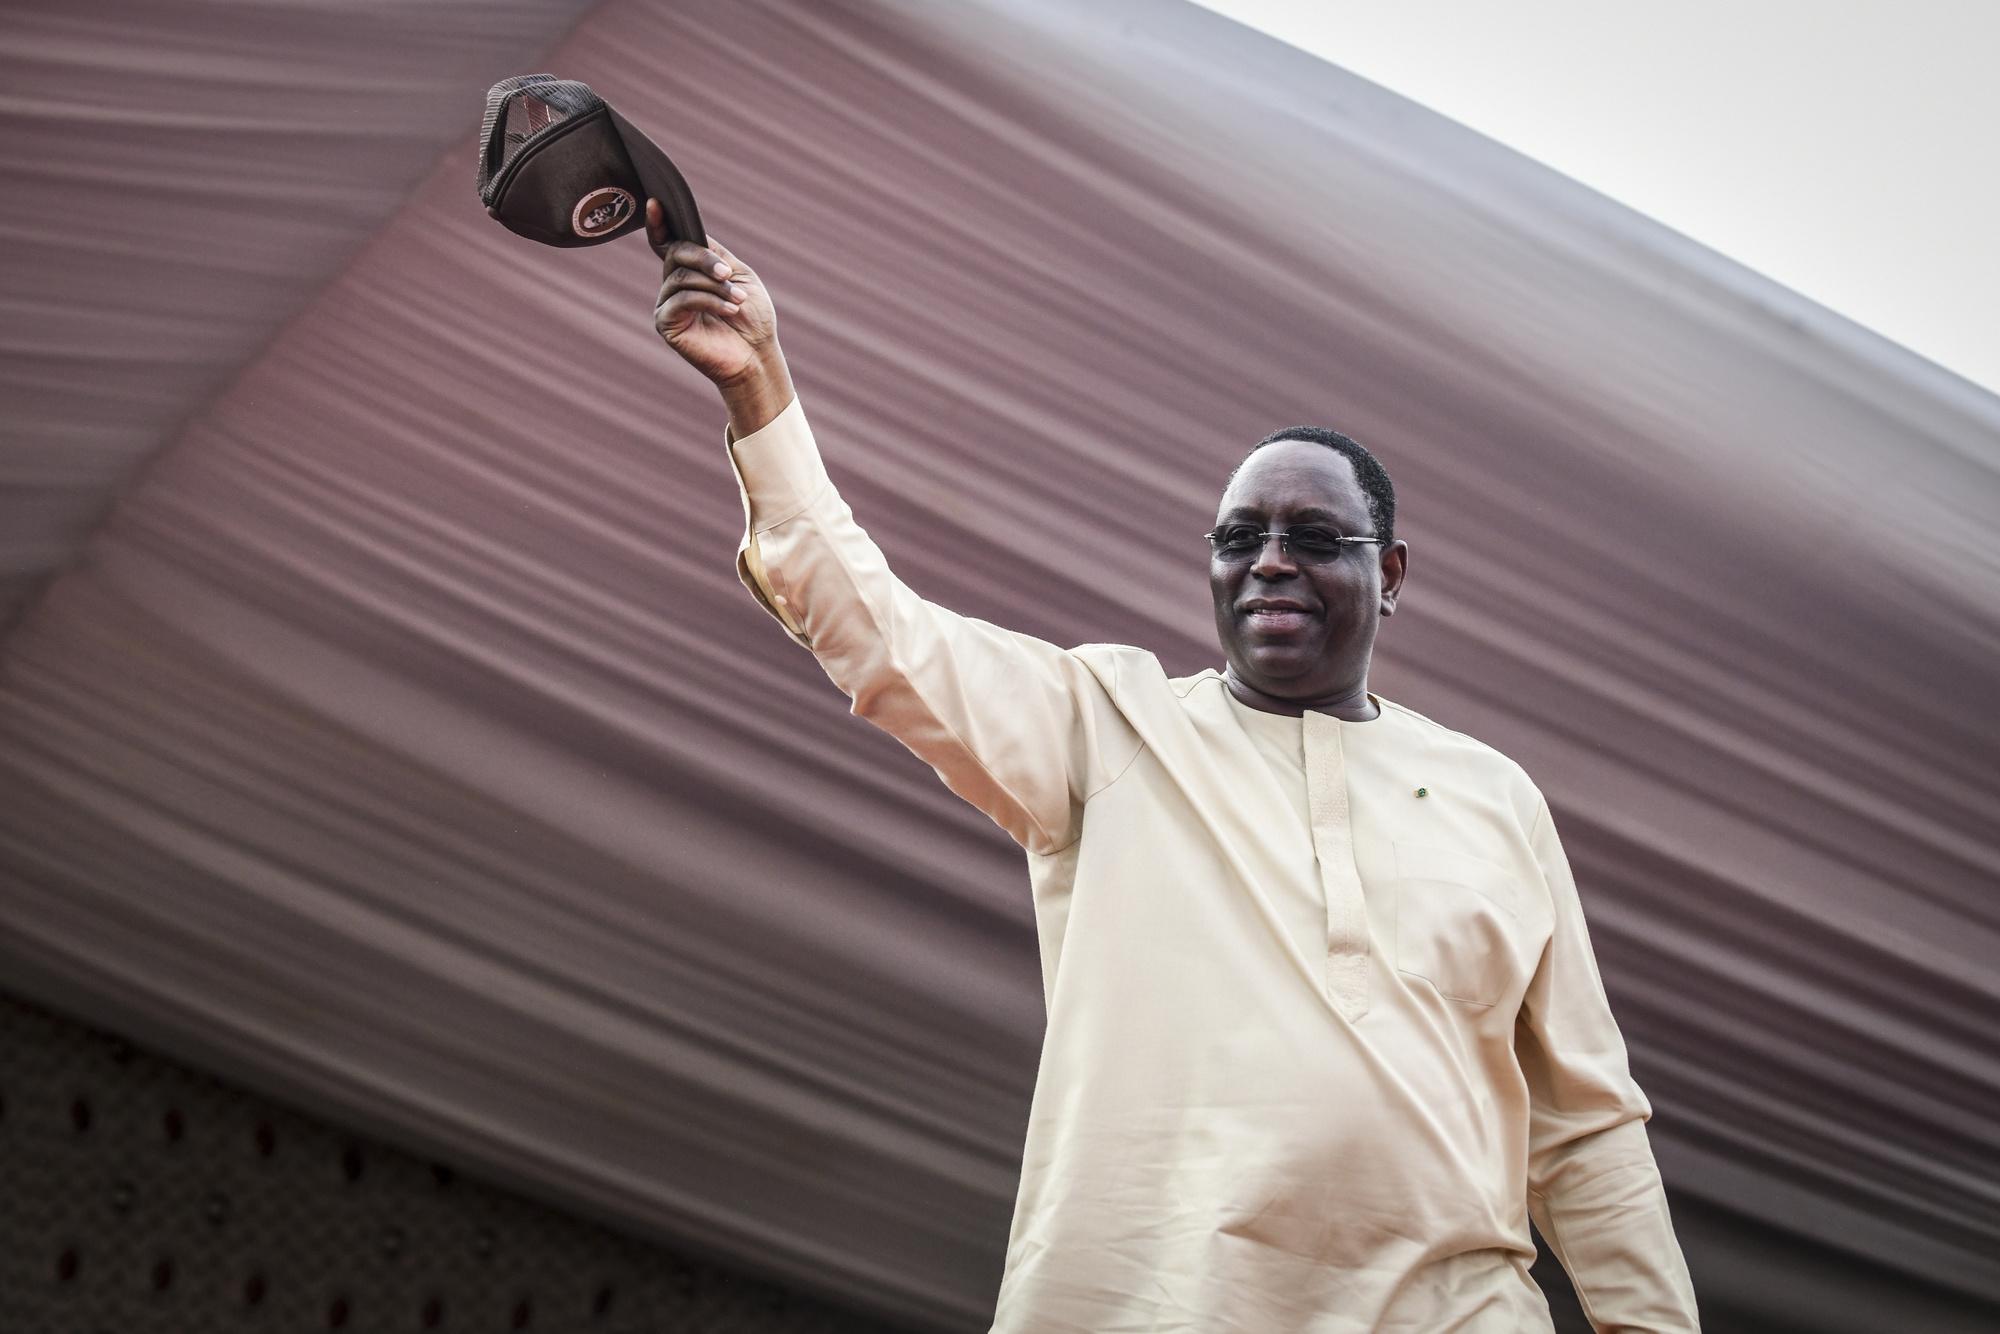 Le président Macky Sall salue ses supporters pendant sa campagne à Guediawaye le 20 février 2019.